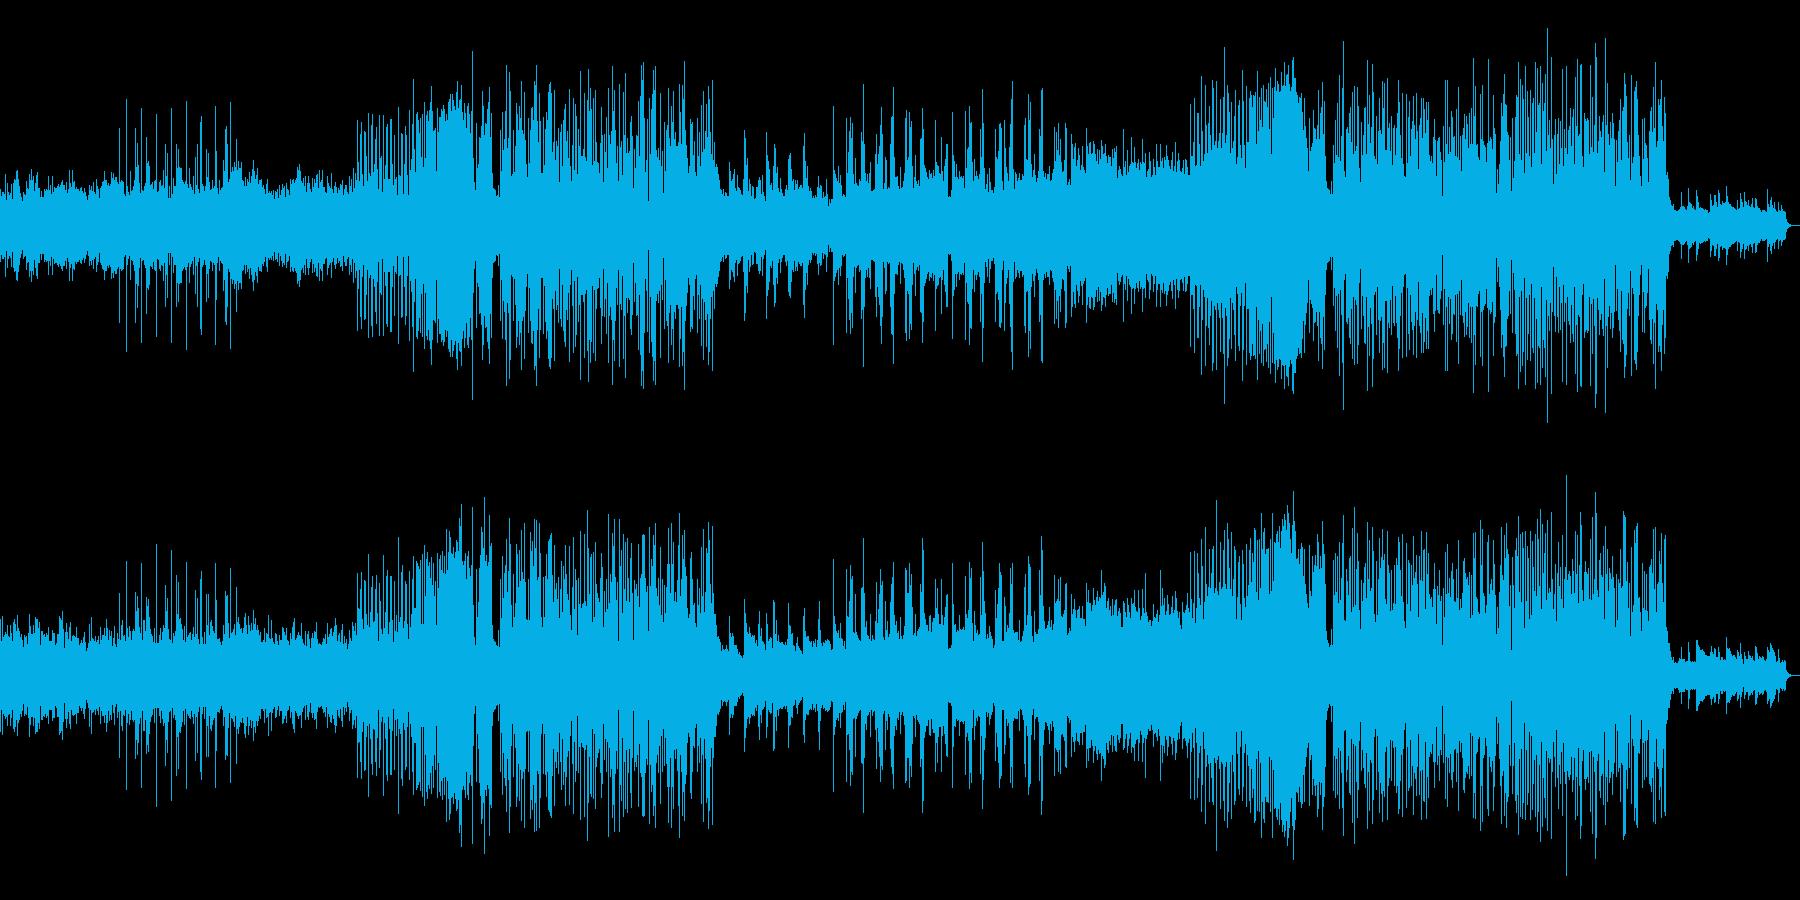 かわいいせつないFUTUREBASSの再生済みの波形